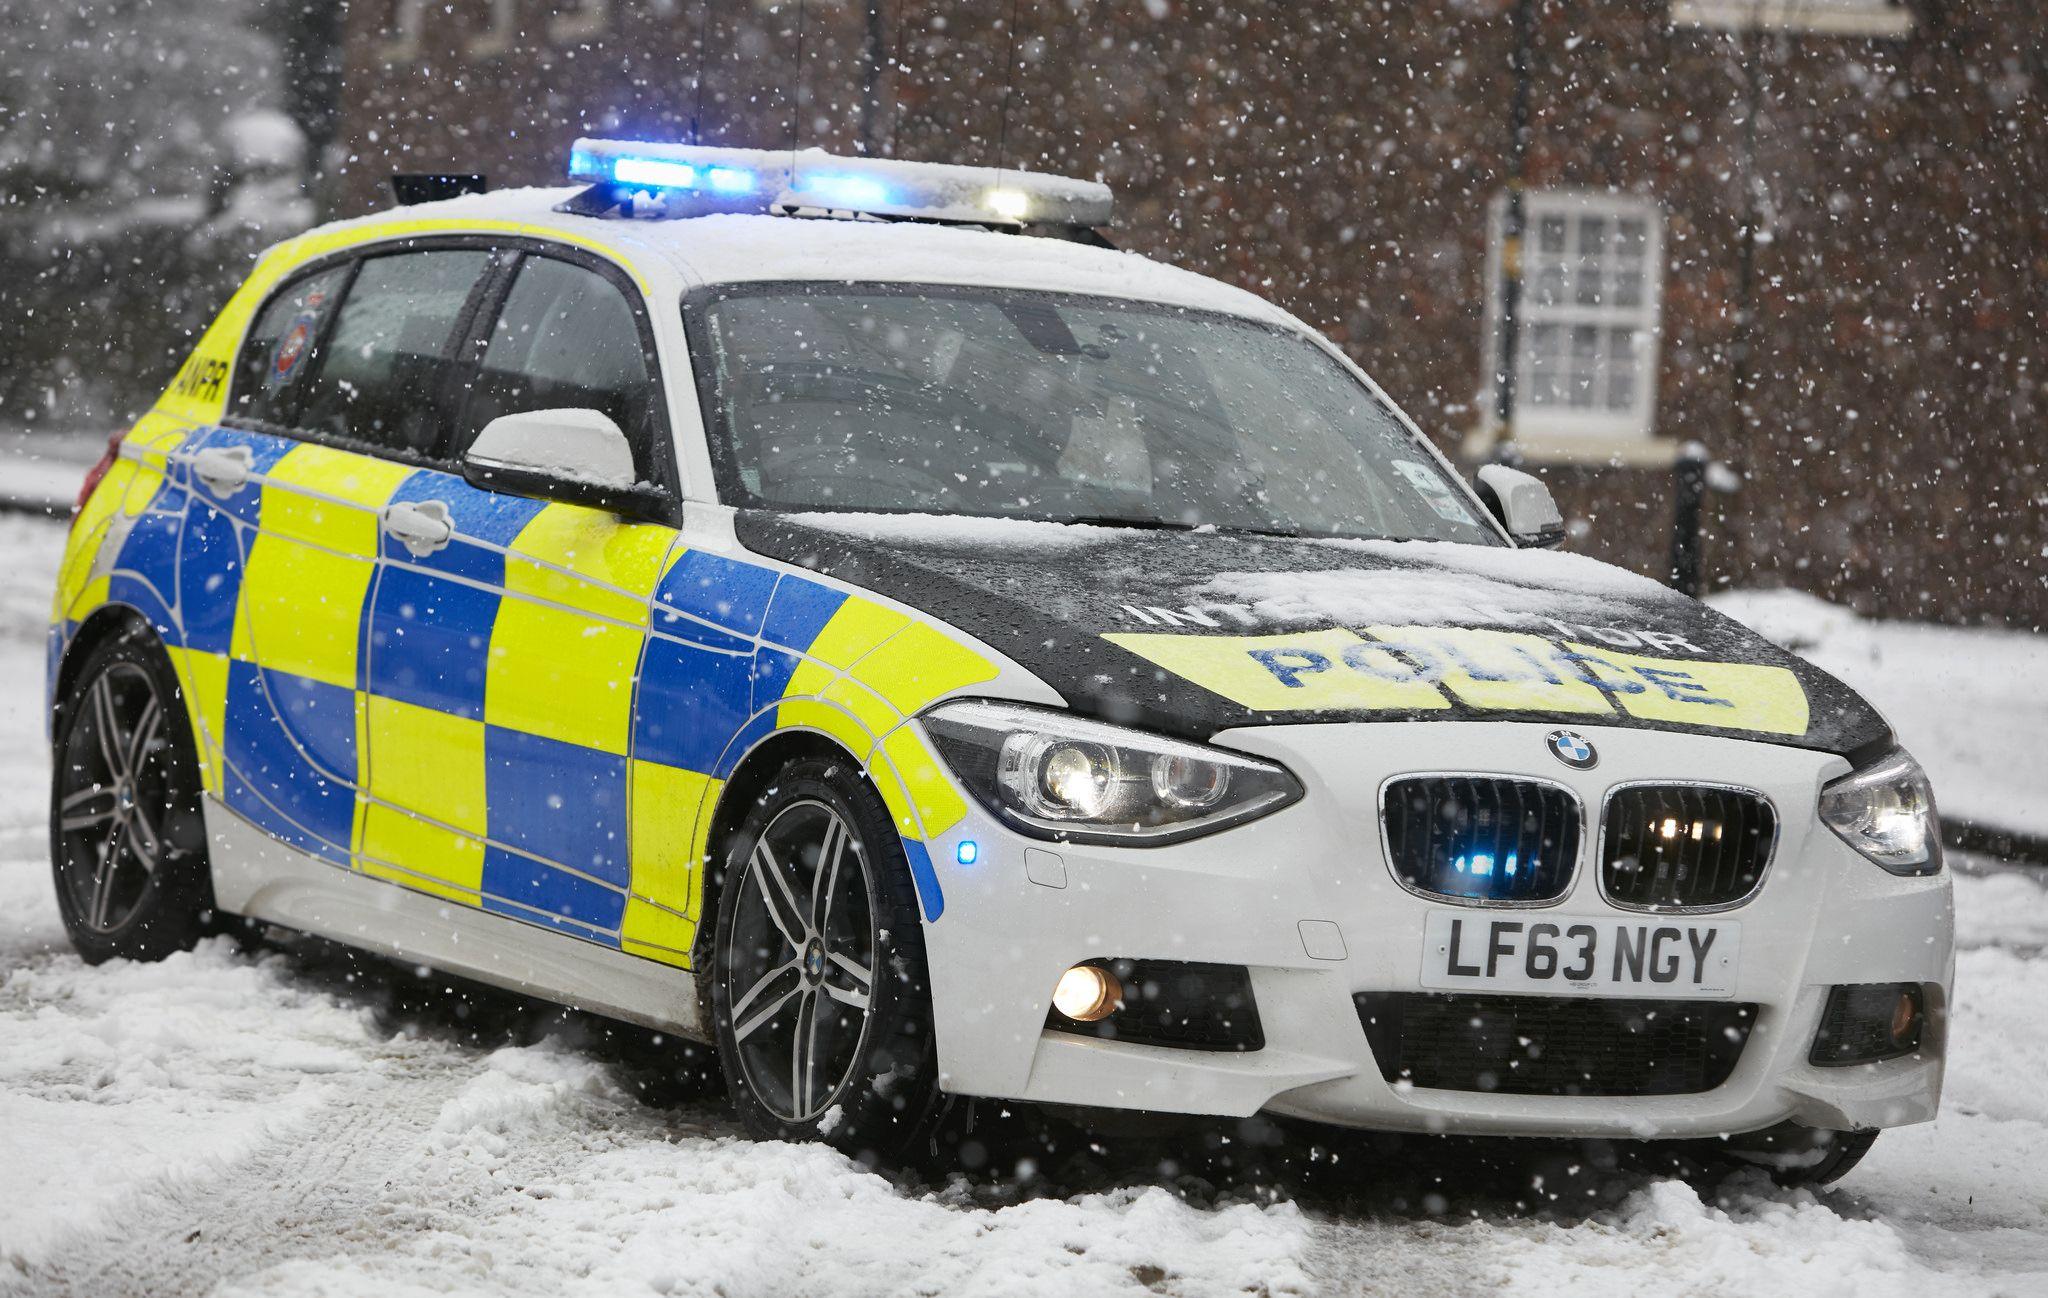 Interceptor In The Snow British Police Cars Police Police Cars